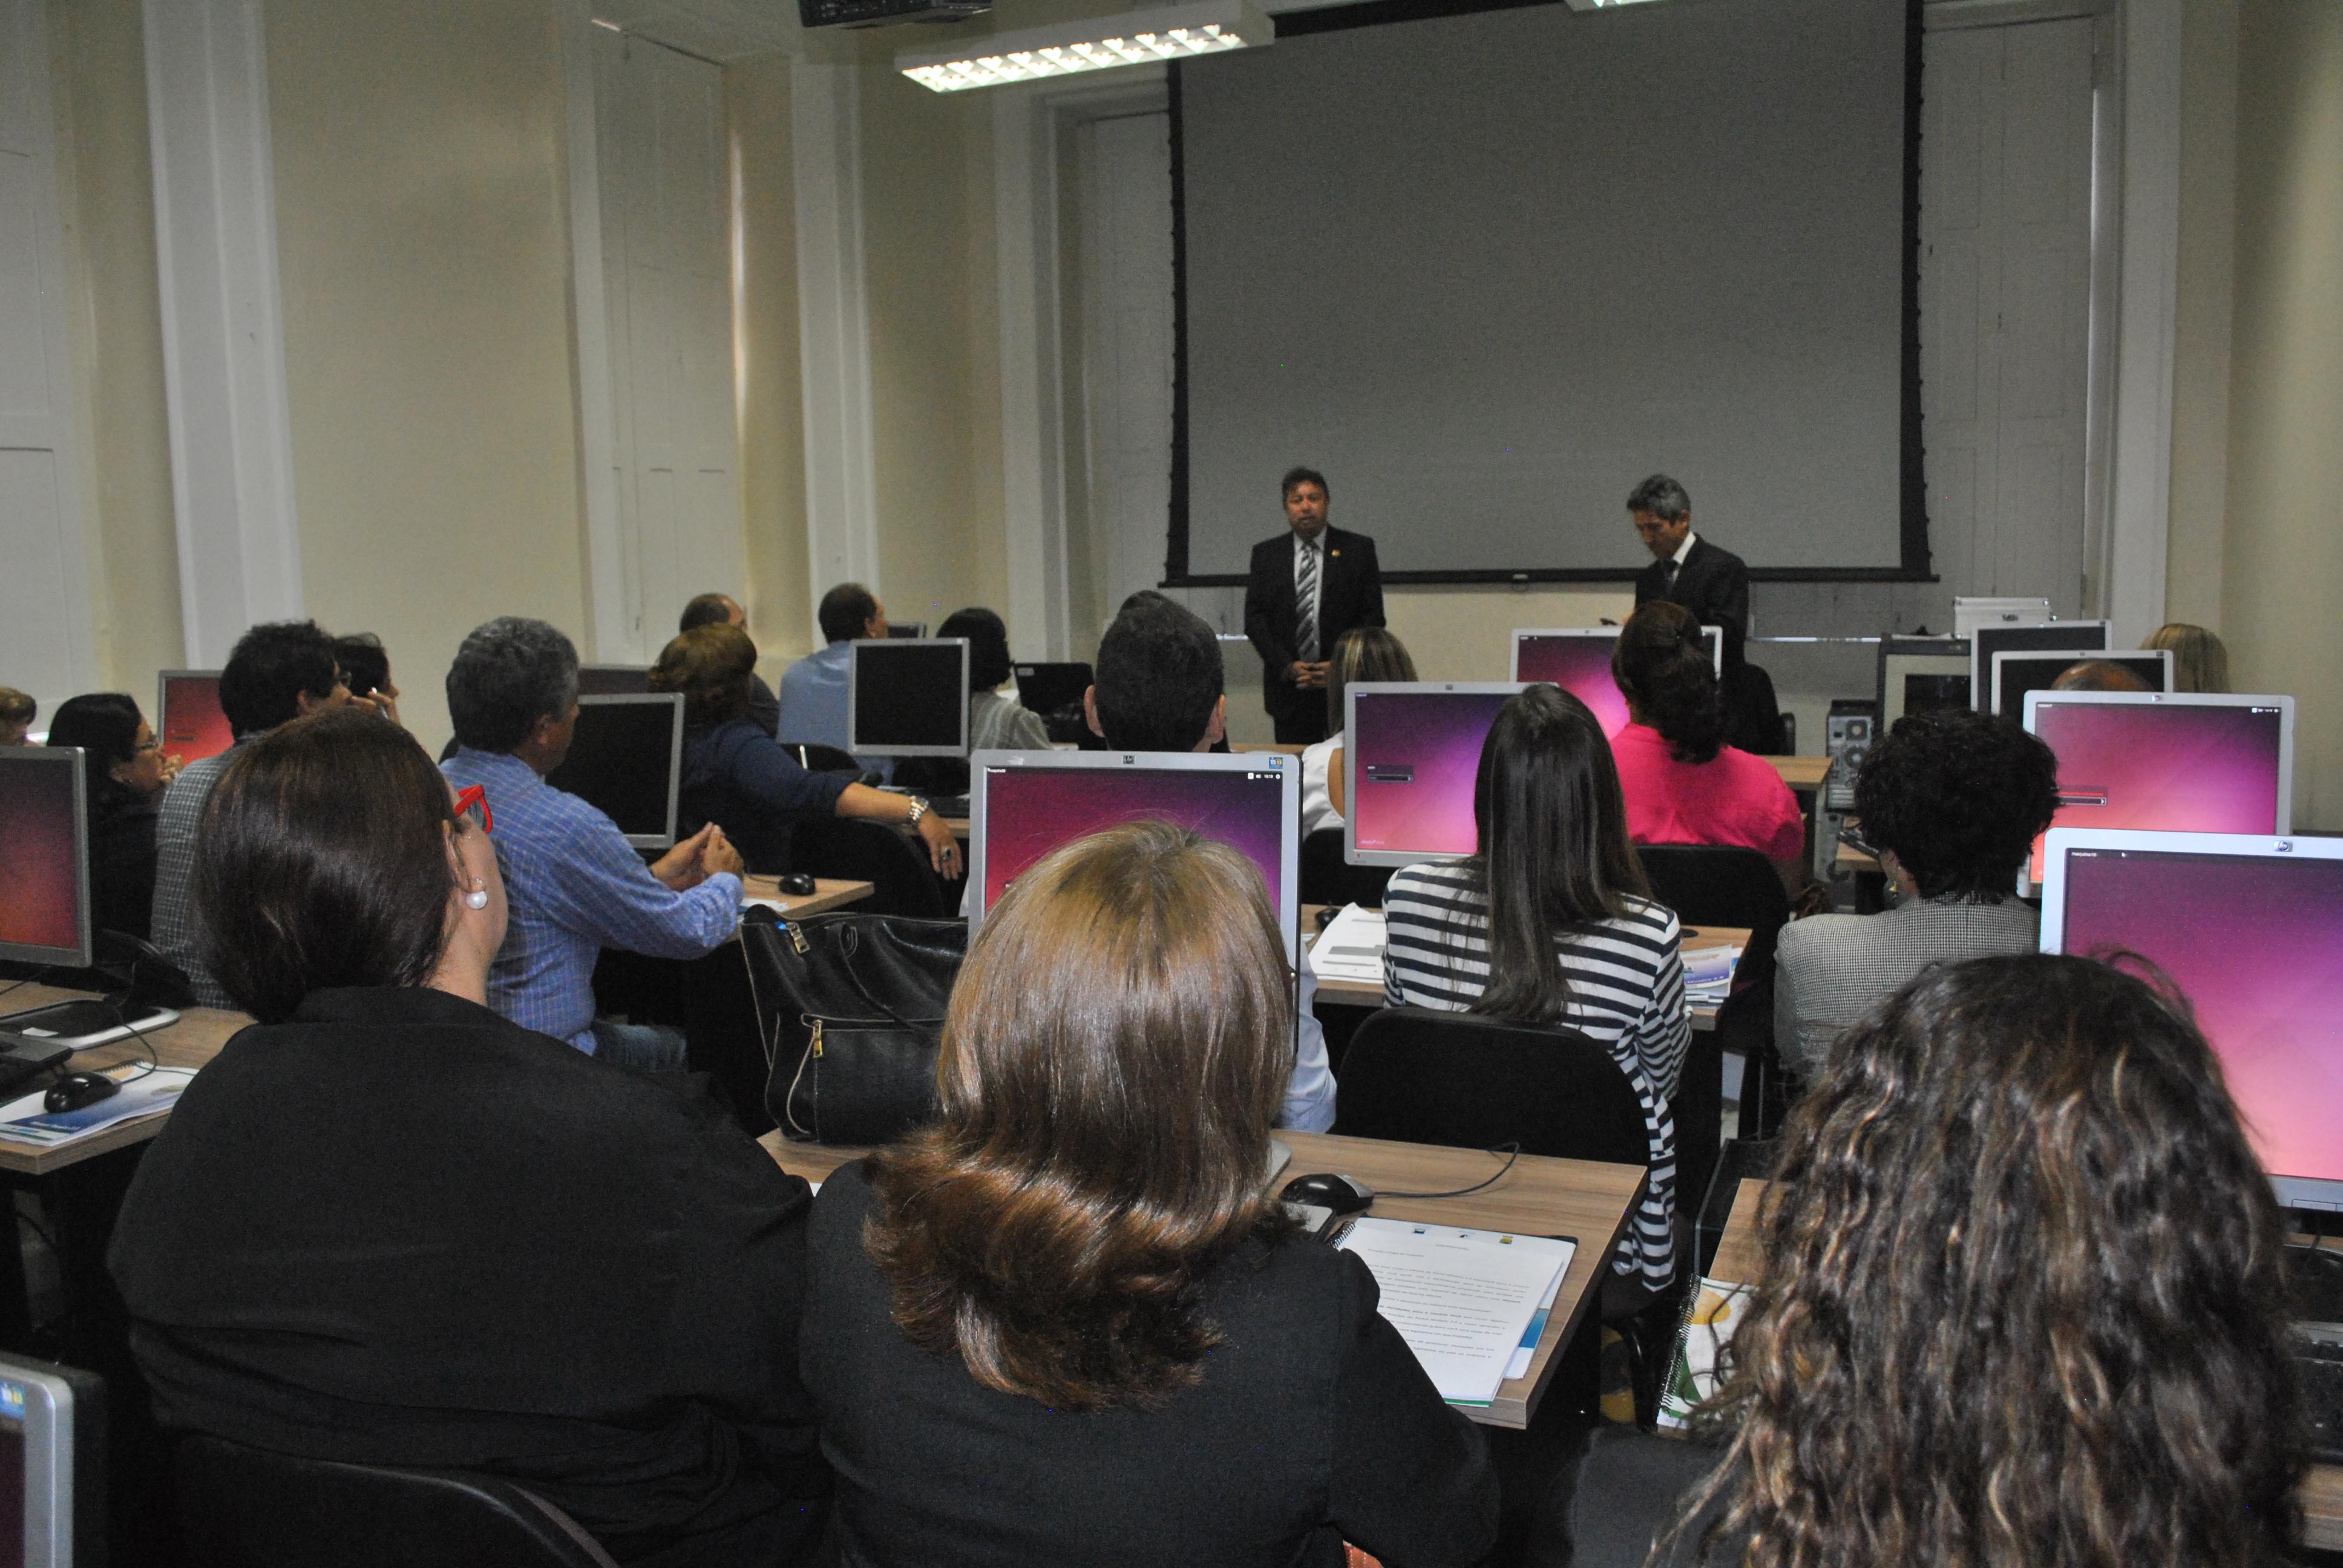 Programa Interlegis é instalado e primeiro curso já começa a ser ministrado